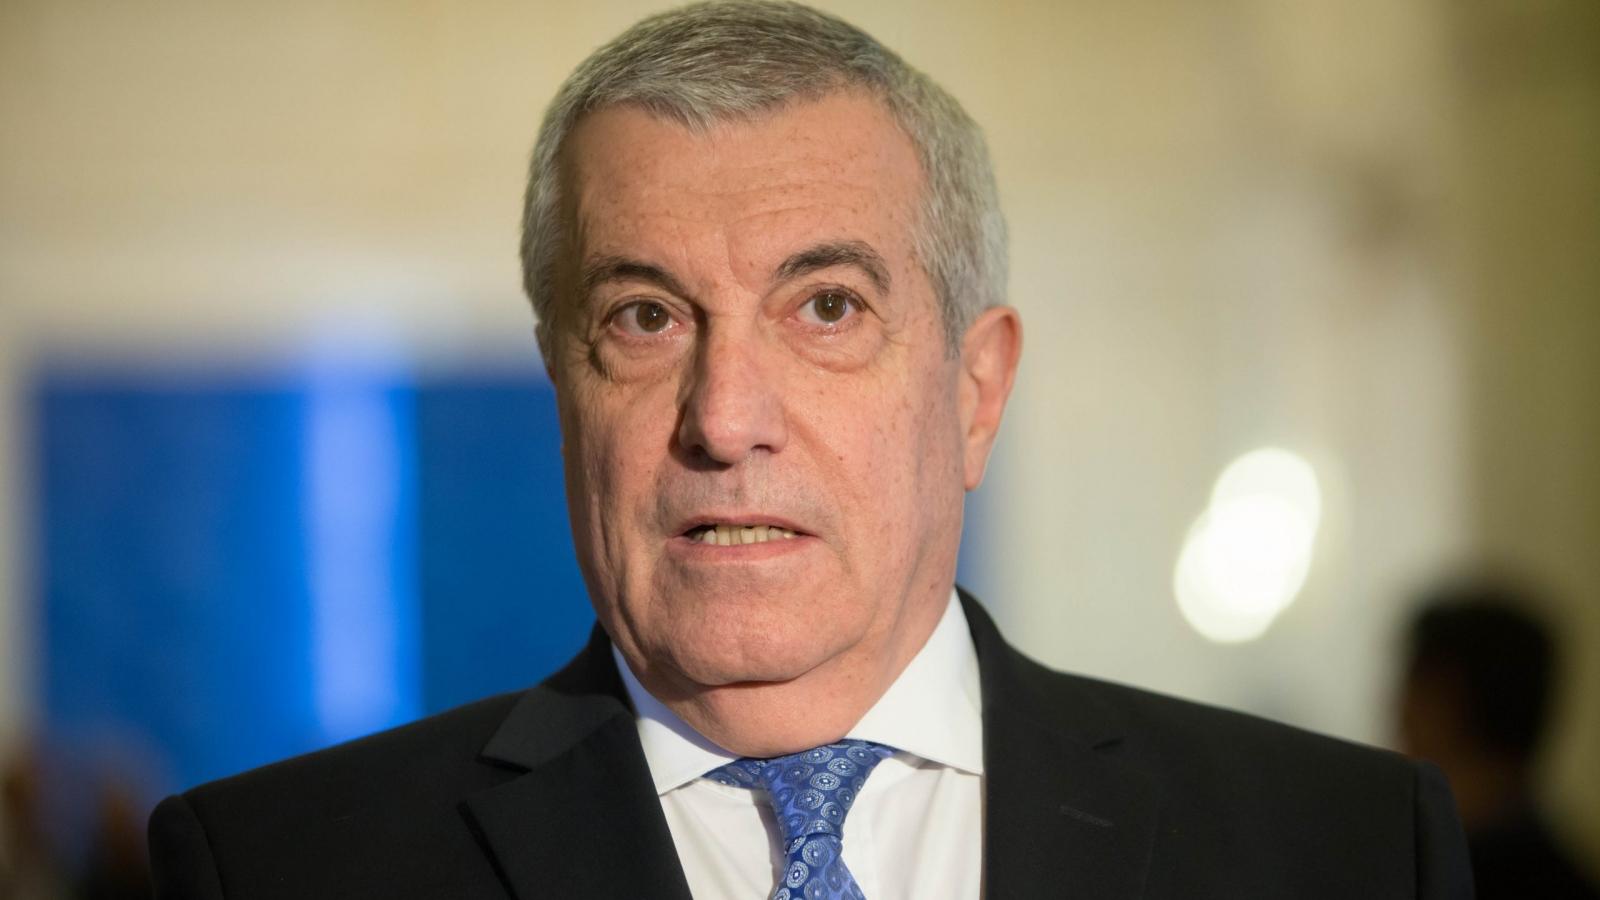 Tổng thống Romania phê chuẩn điều tra hình sự với cựu Thủ tướng bị nghi nhận hối lộ